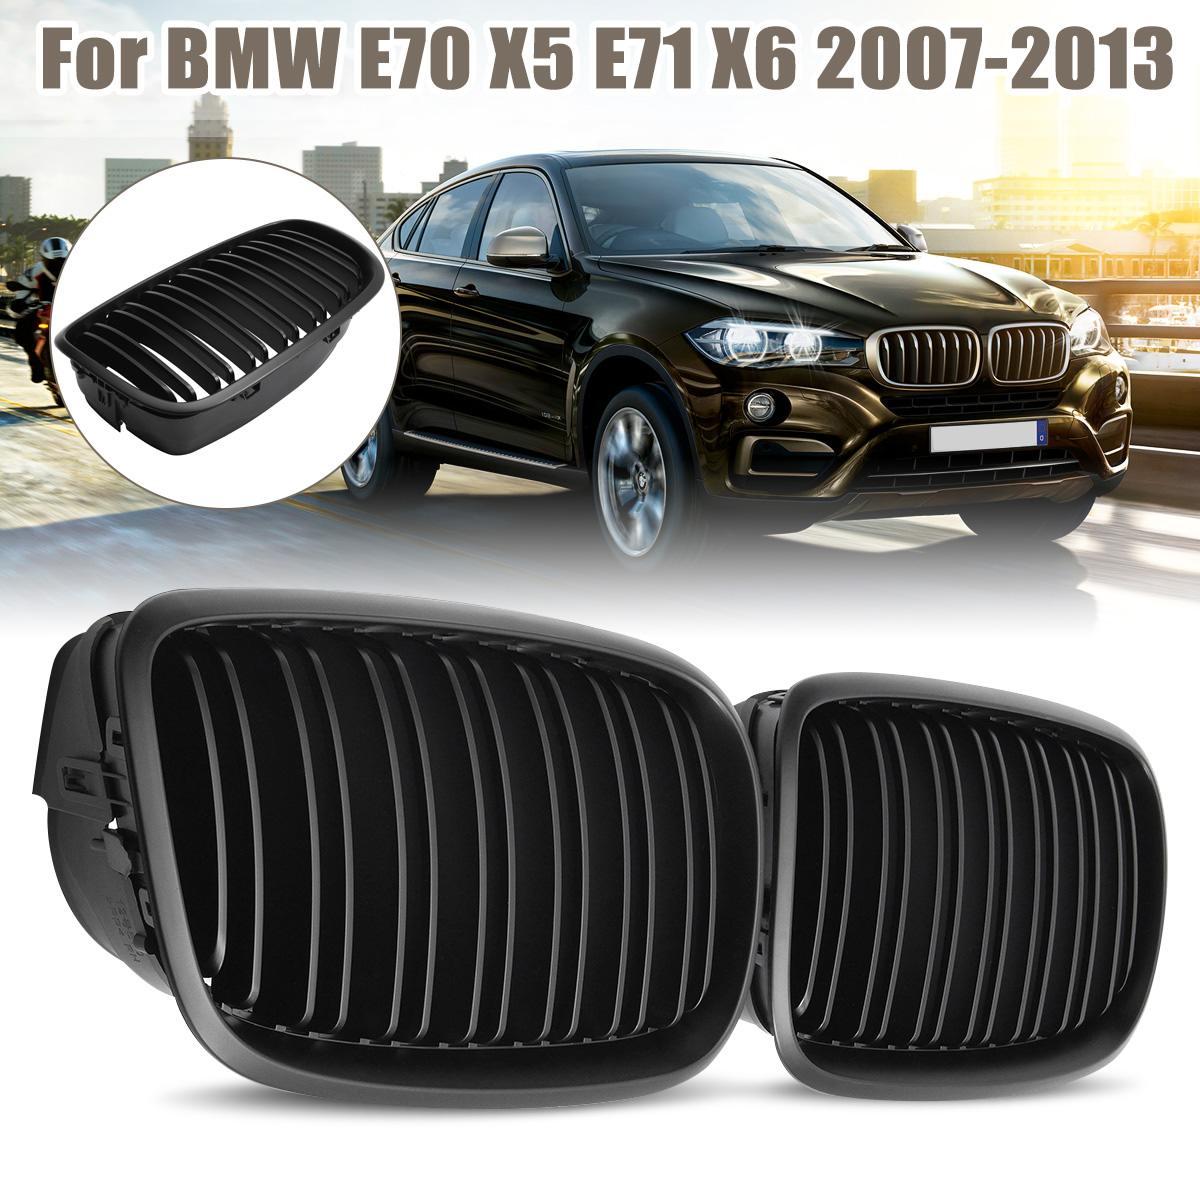 Noir mat double ligne paire avant pare-chocs capot rein Sport grilles Grille pour BMW E70 E71 X5 X6 2007-2013